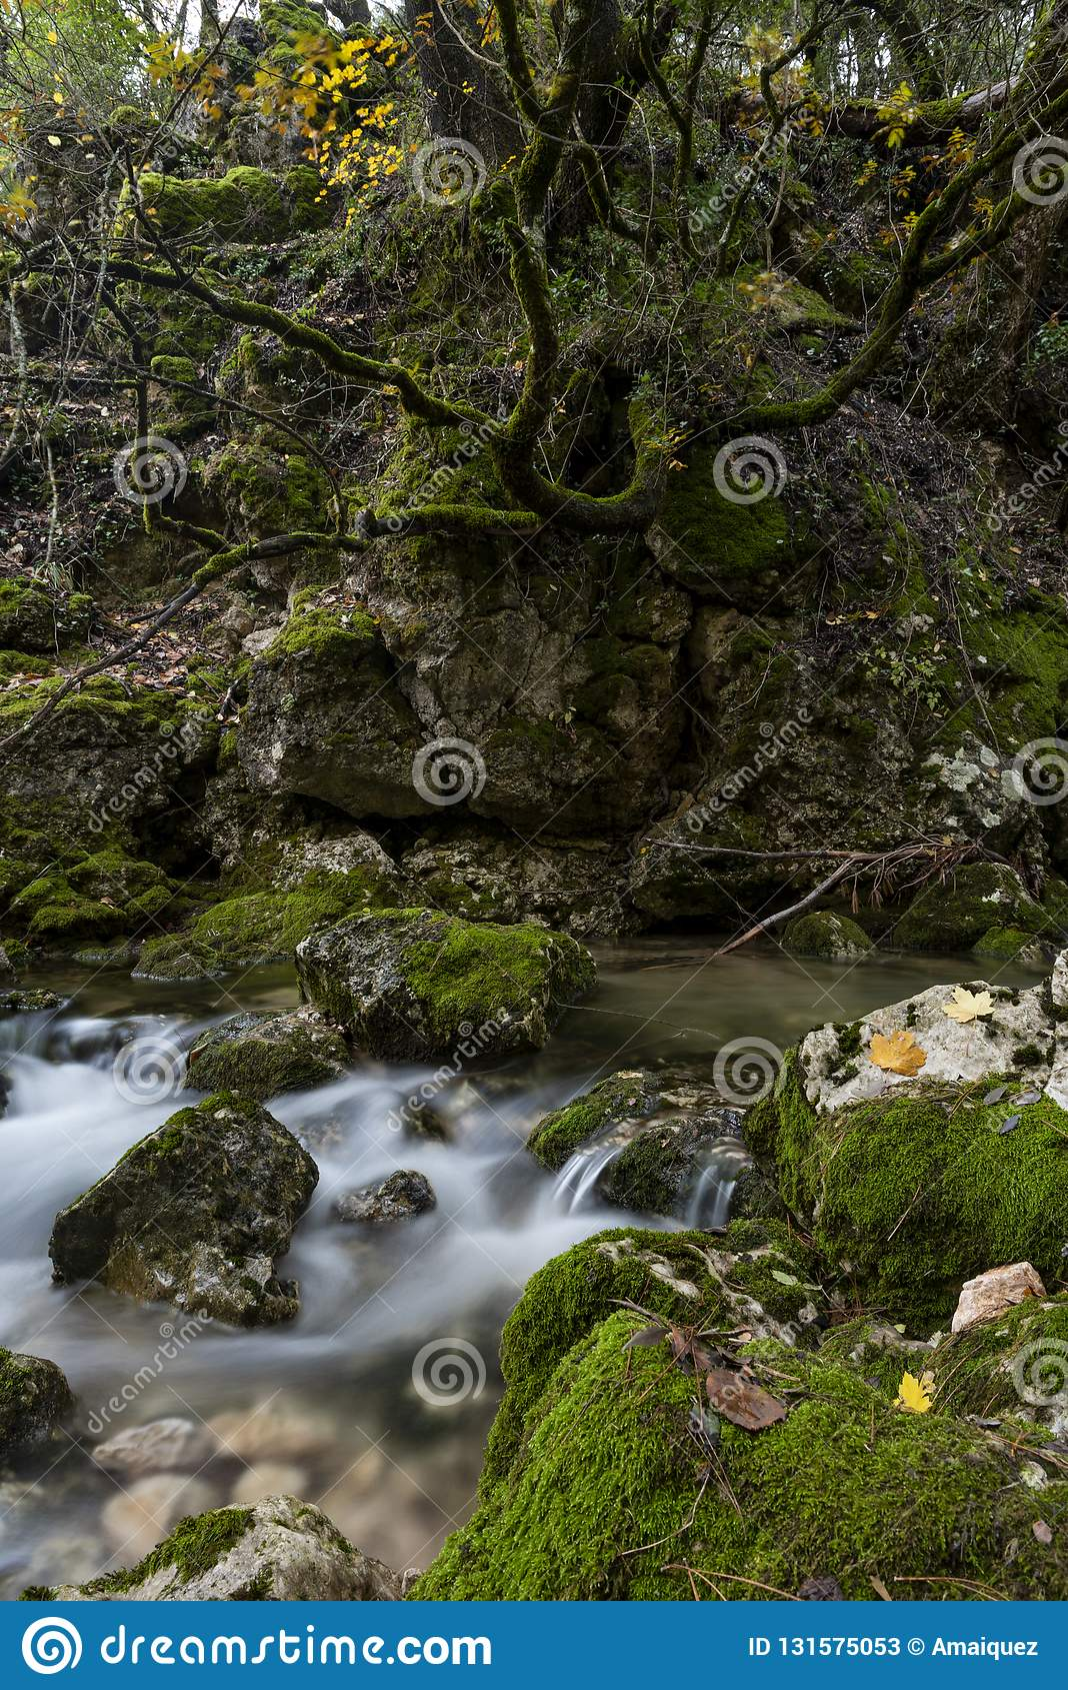 Rio Mundo źródło, Naturalny park Los Calares Del rÃo Mundo y De Los angeles Sima